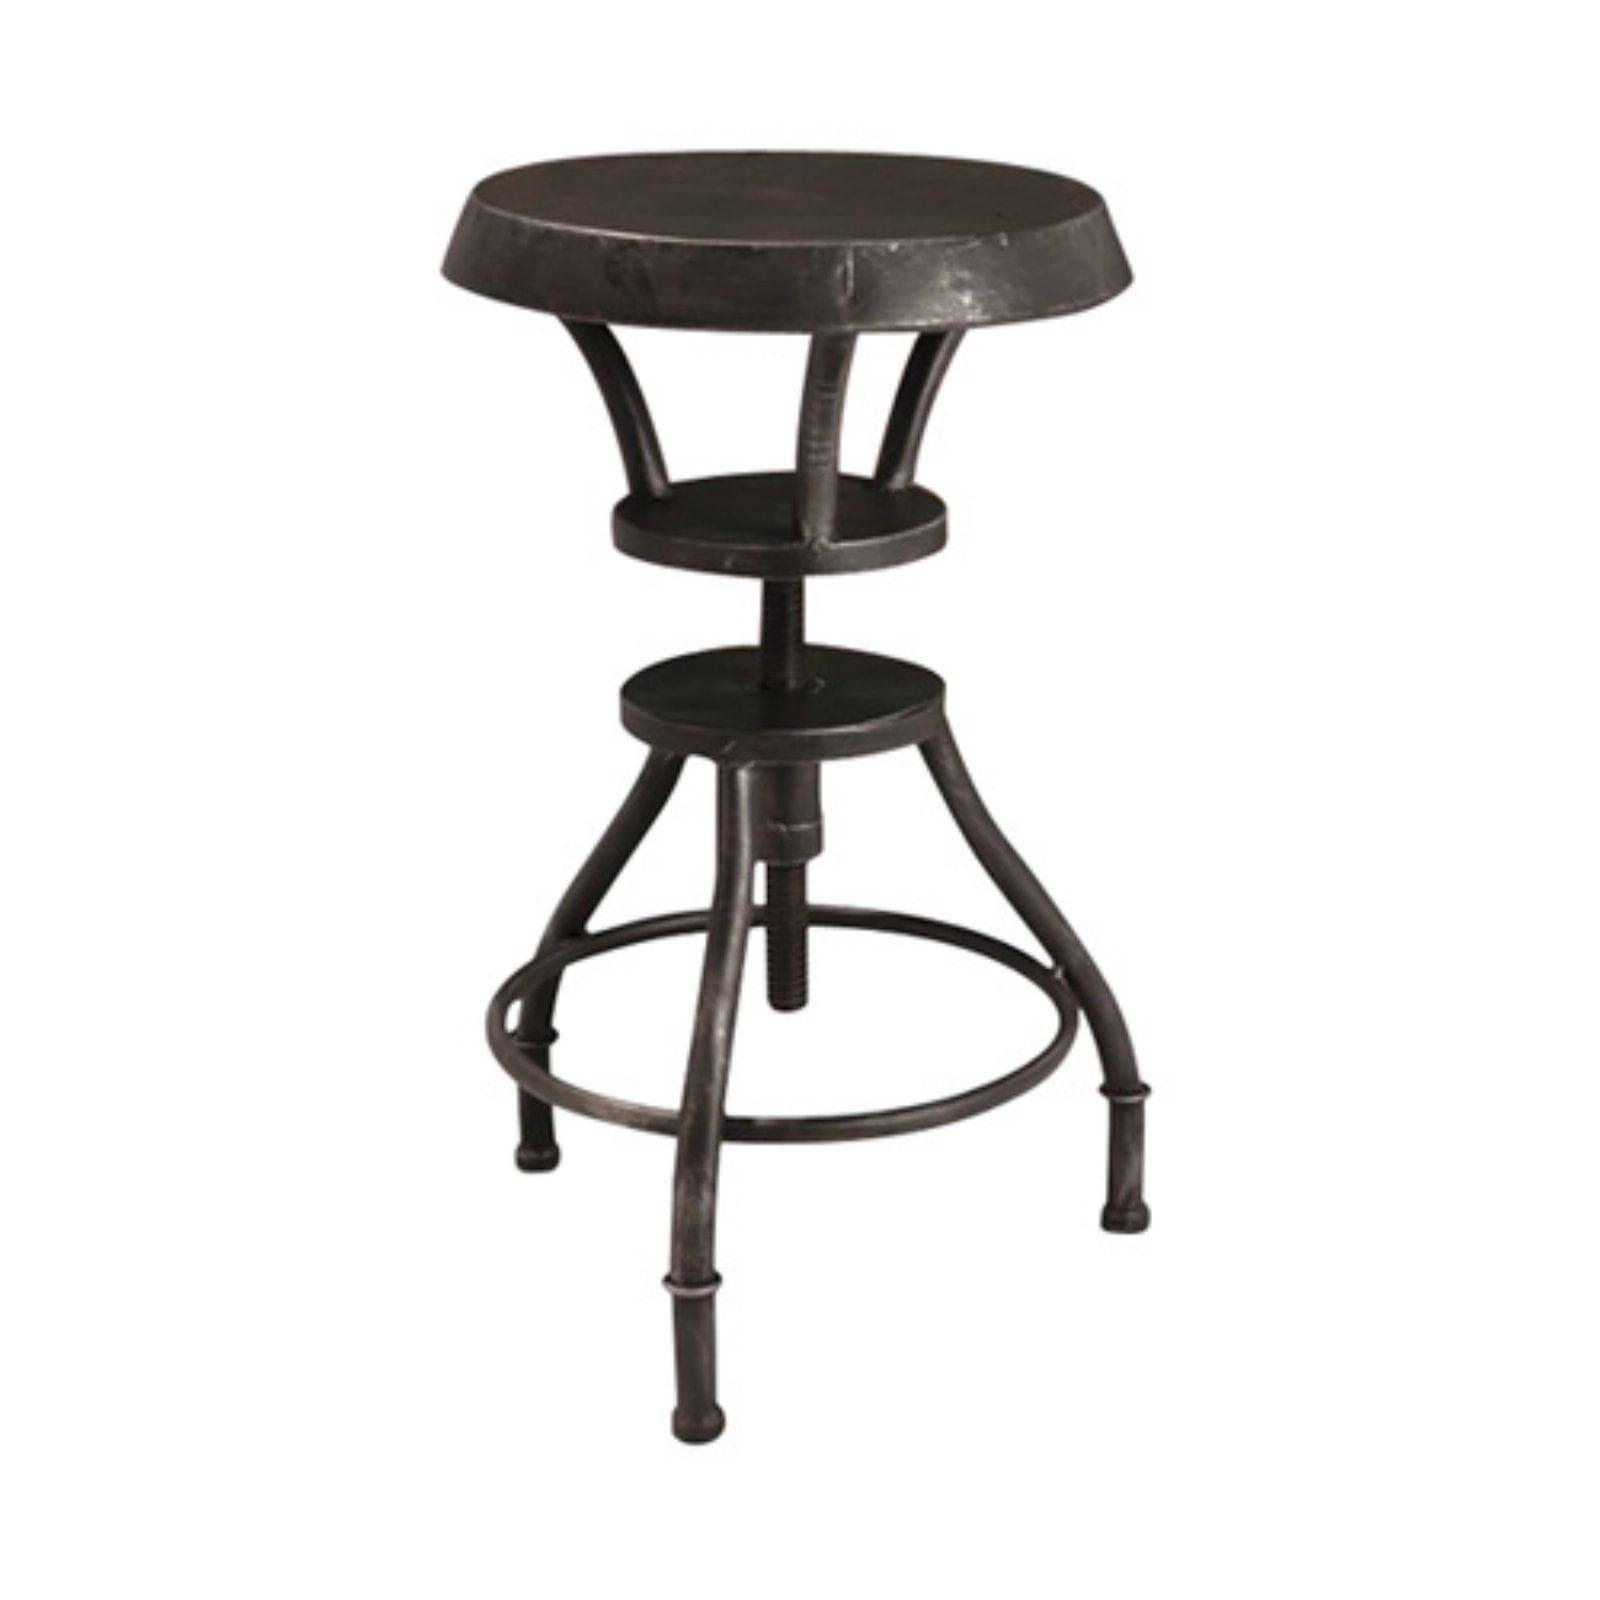 Lucian Iron Top Adjustable Bar Stool